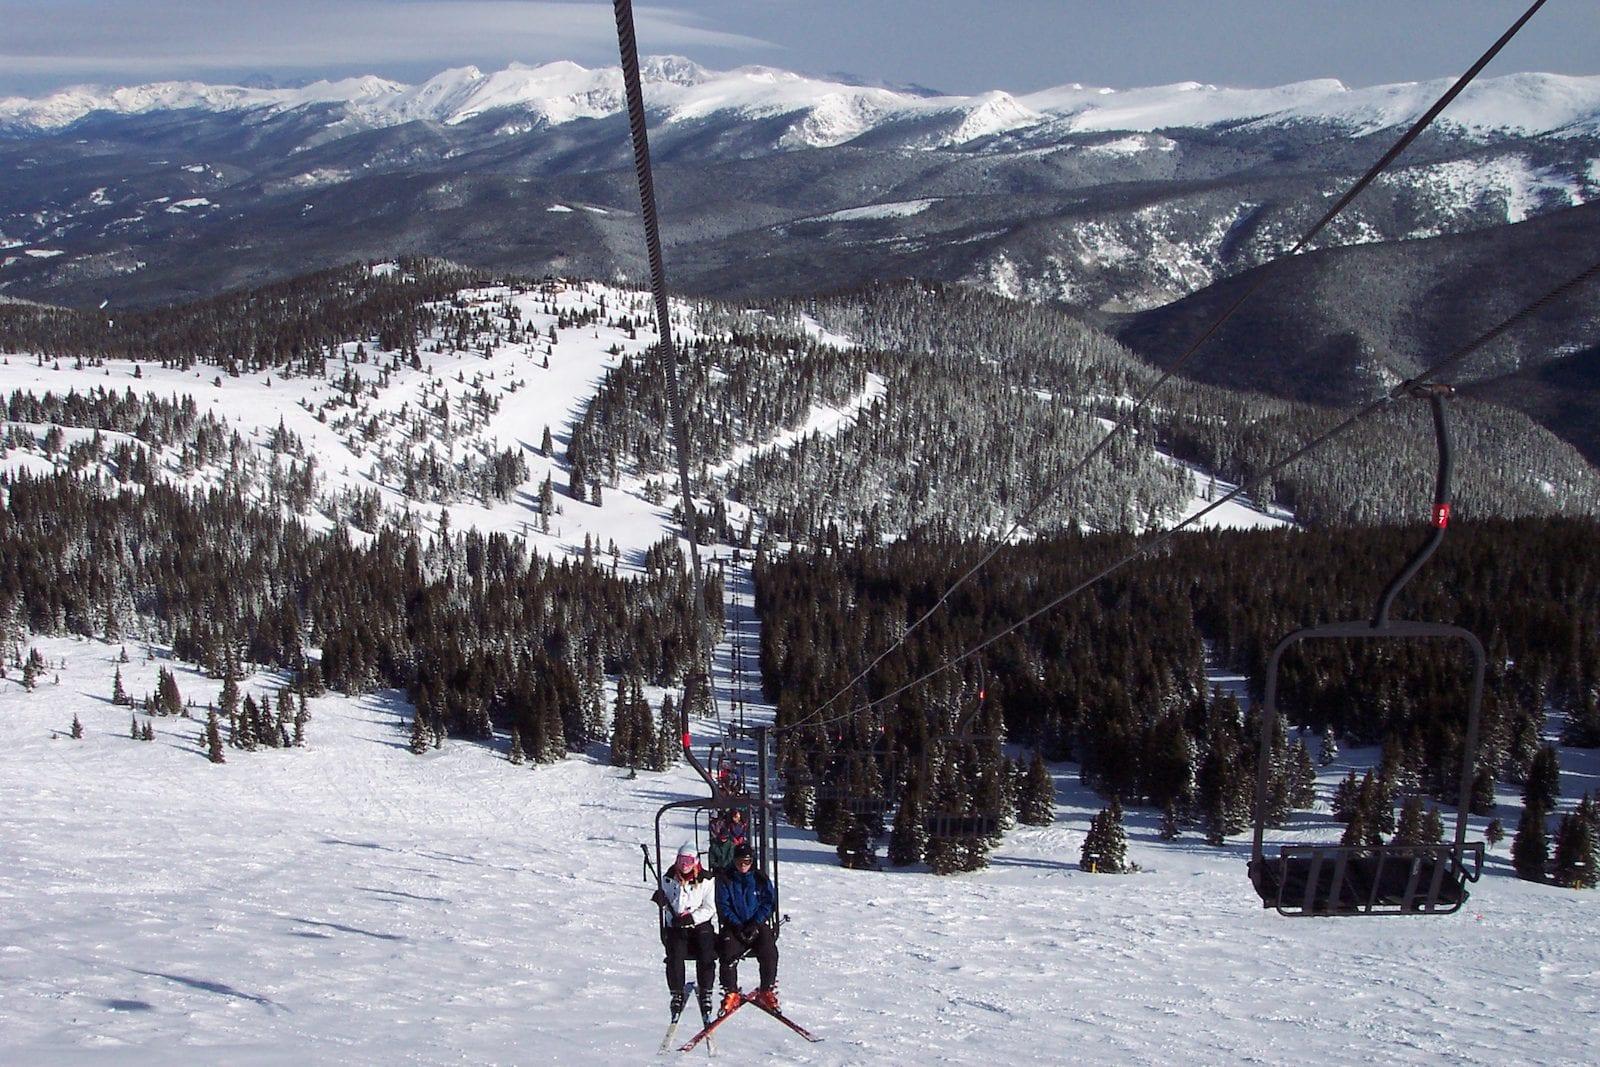 Top of Winter Park, Colorado